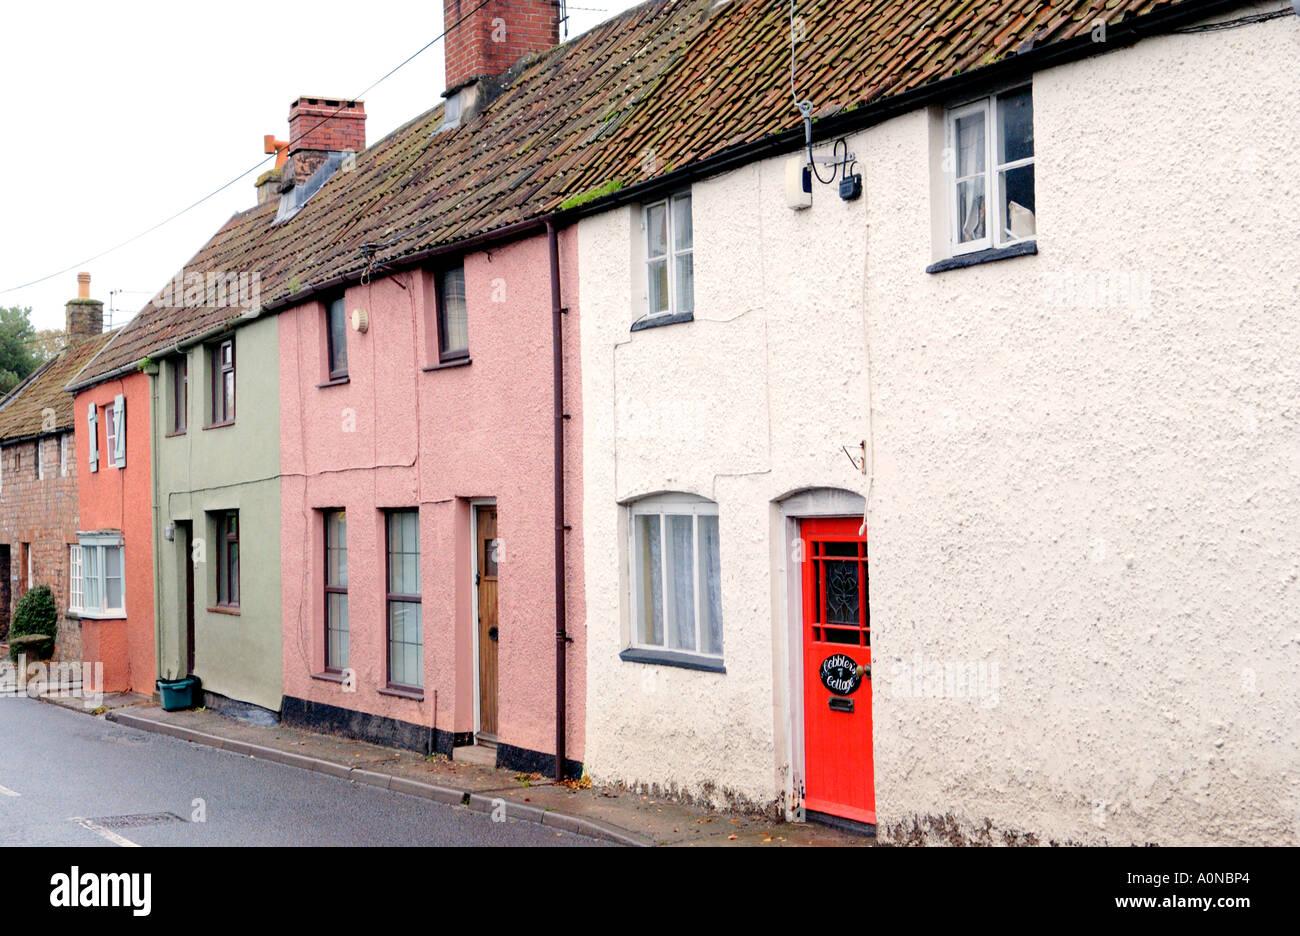 Reihe von Landhäusern im Dorf von Chew Magna in der Nähe von Bristol England UK Stockbild